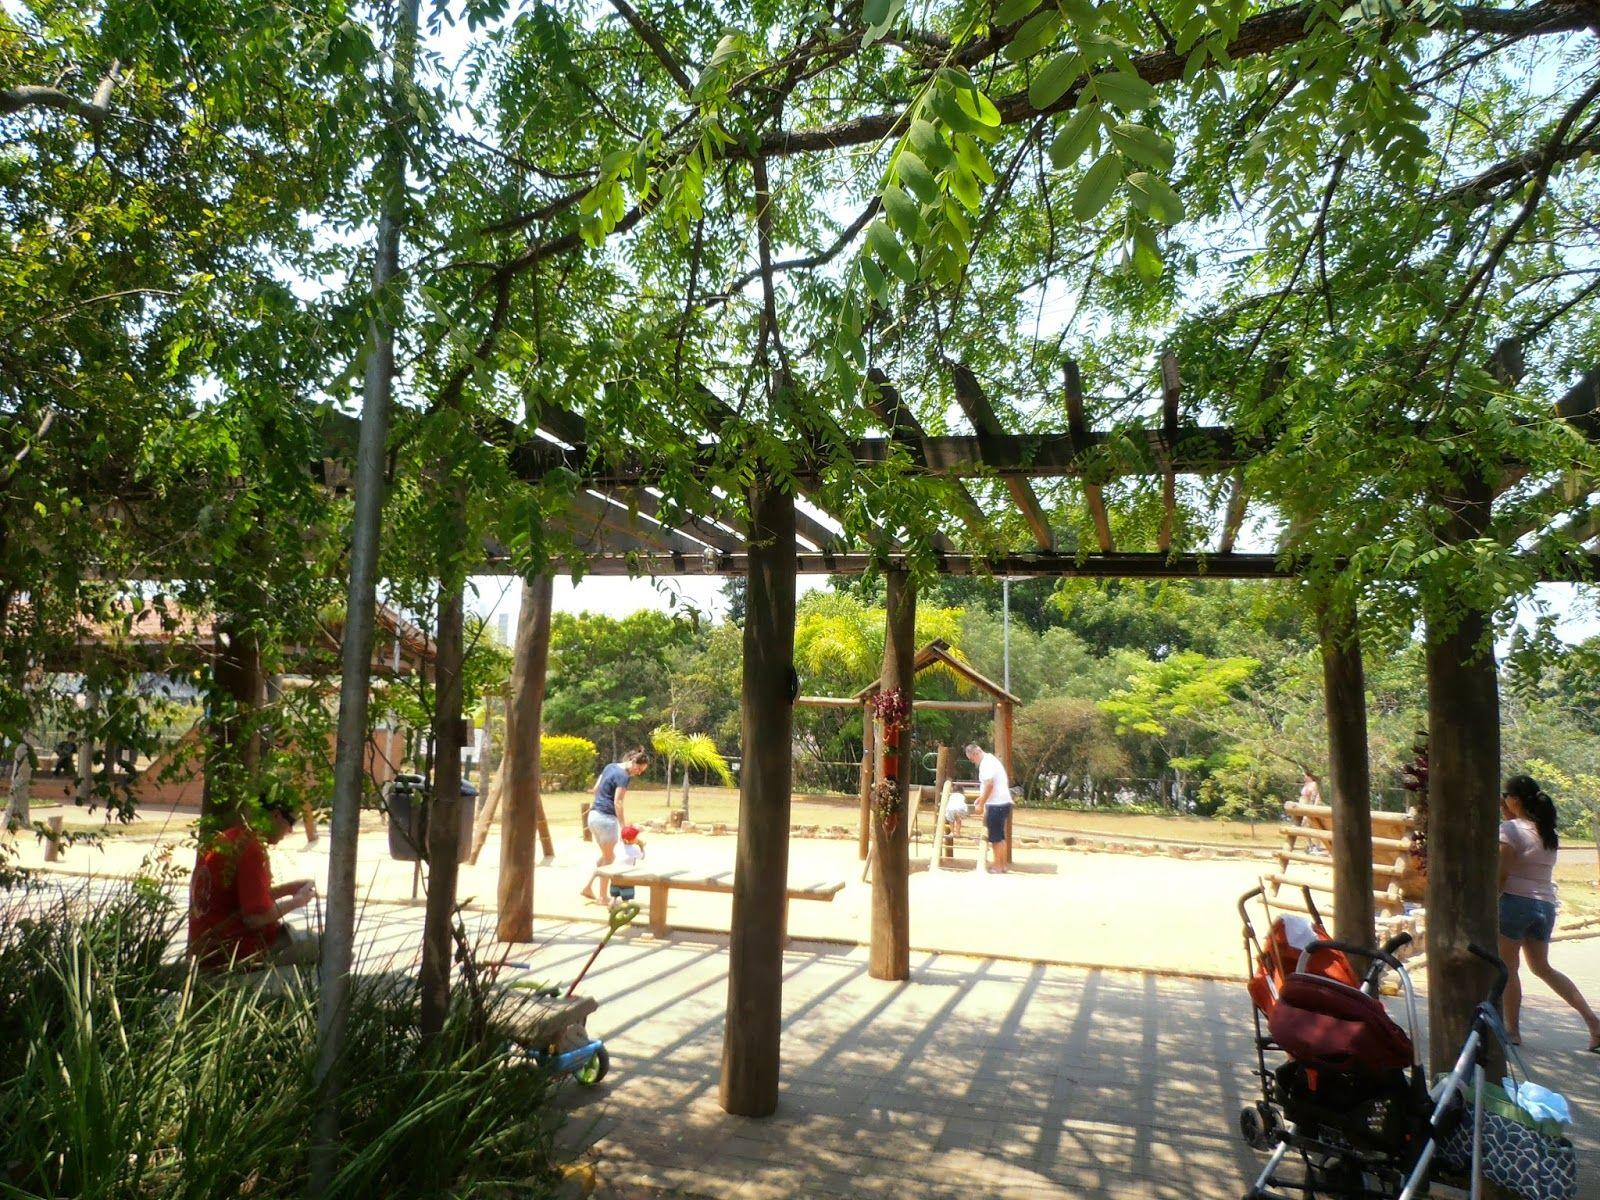 Combina Tudo - O Blog que é Sua Cara: Parques Perto de Você